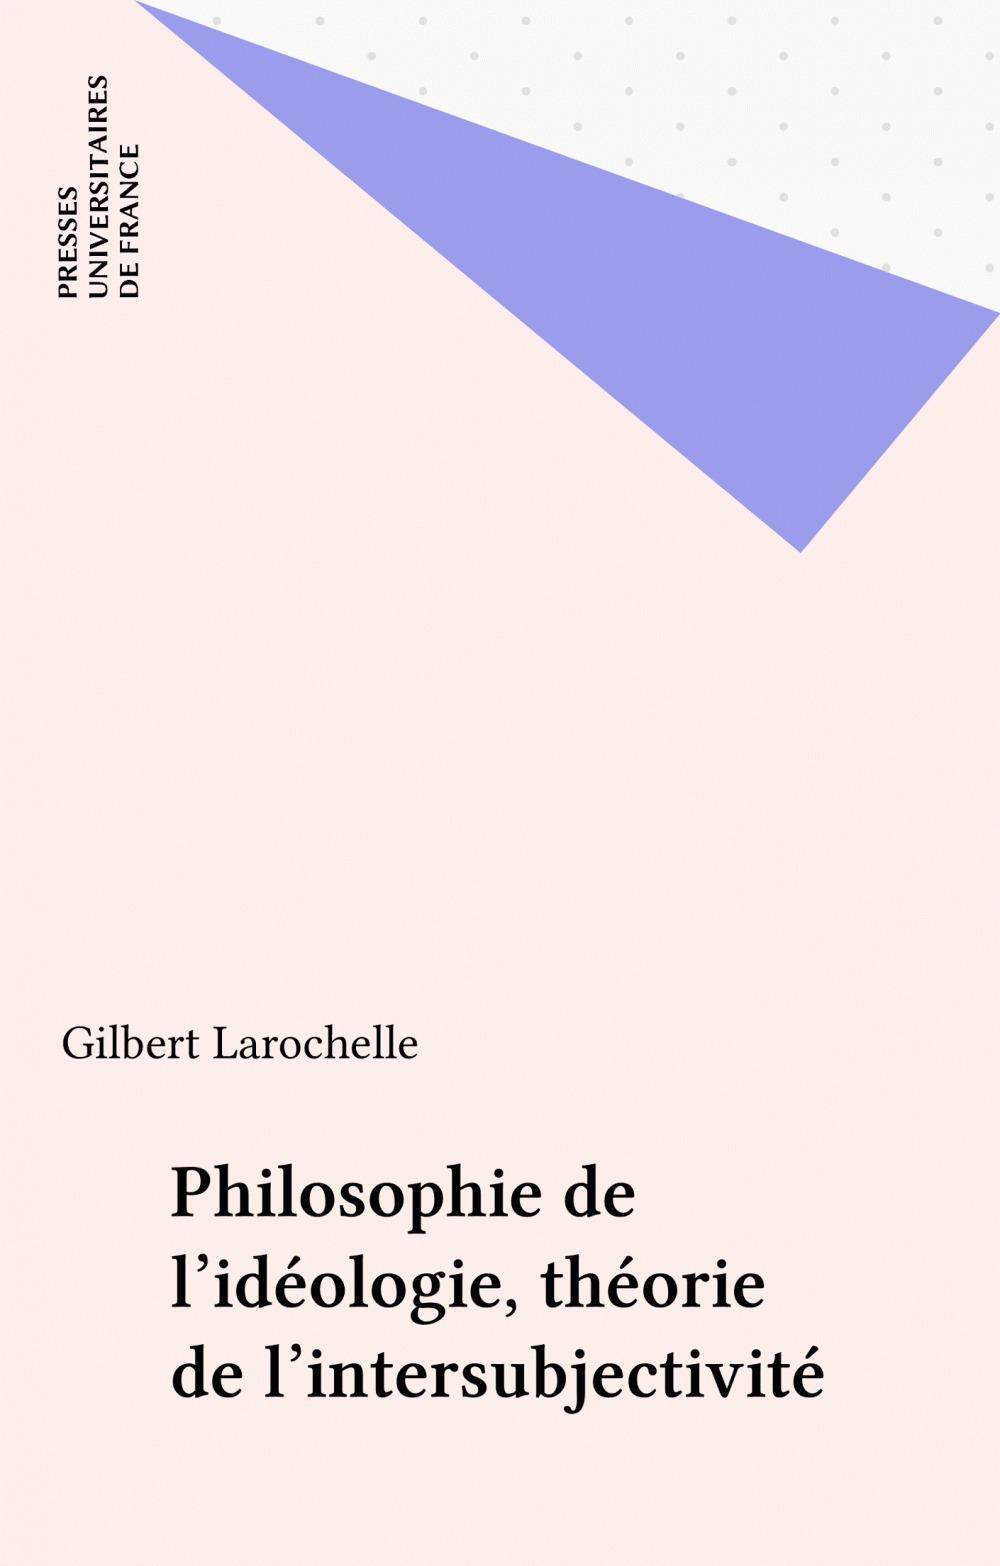 Philosophie de l'ideologie